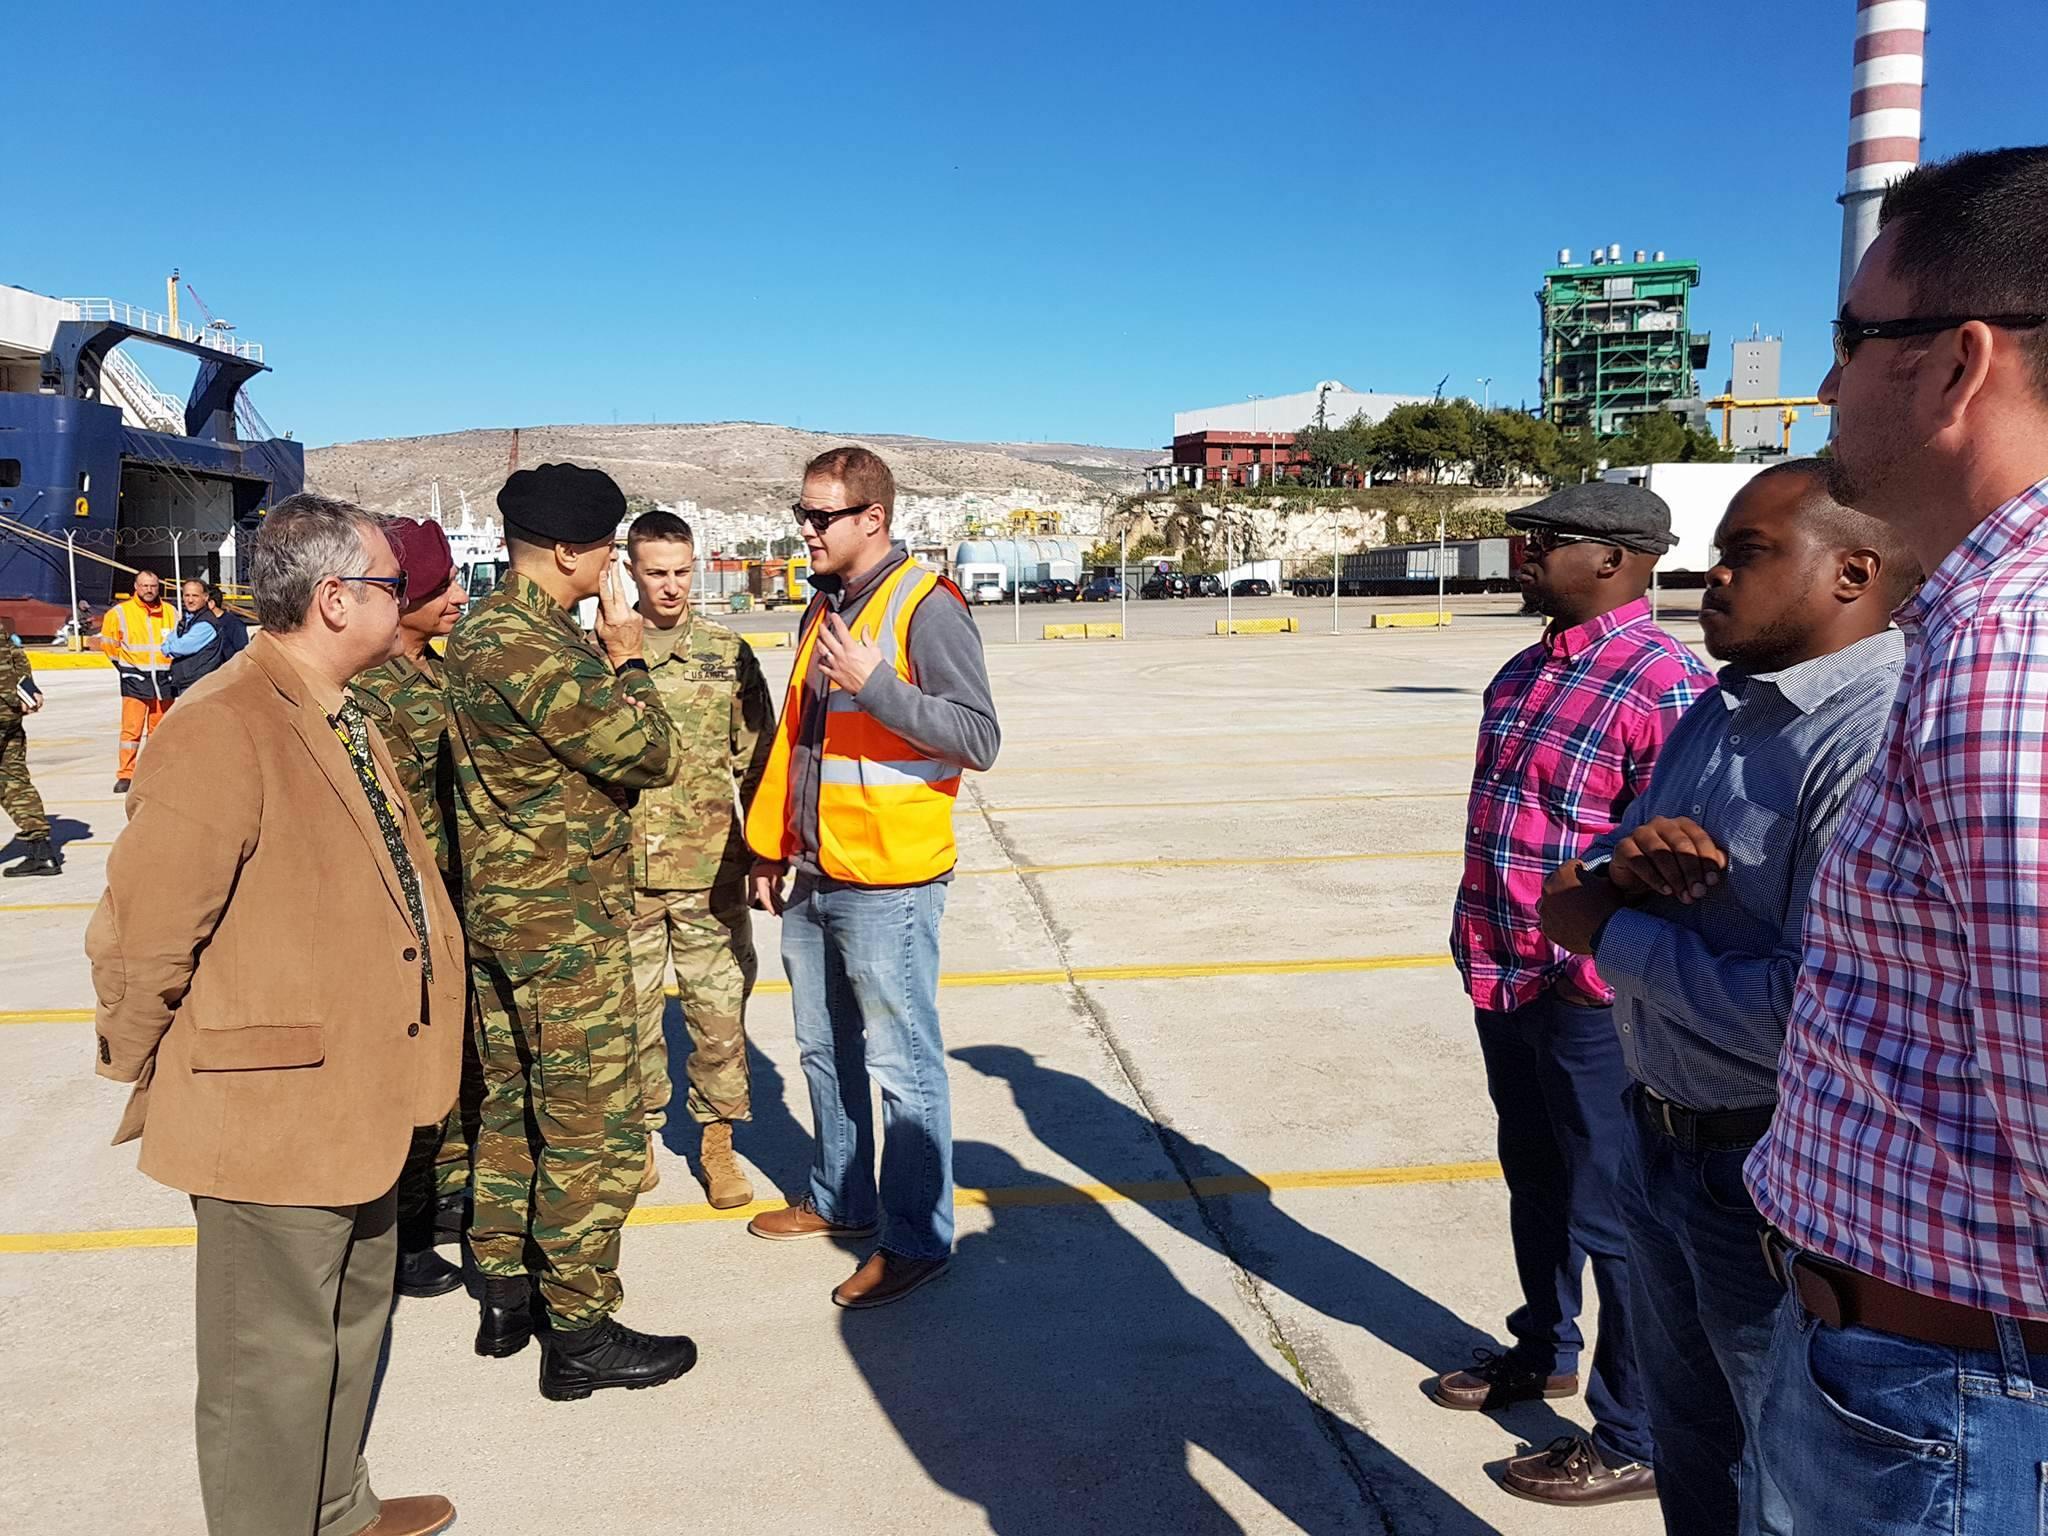 ΗΠΑ σε Ελλάδα: «Επανεξοπλισμός εδώ και τώρα, μην χάνετε χρόνο» – Εφτασαν τα πρώτα CH-47D Chinook – Ακολουθούν OH-58D Kiowa Warrior - Εικόνα4